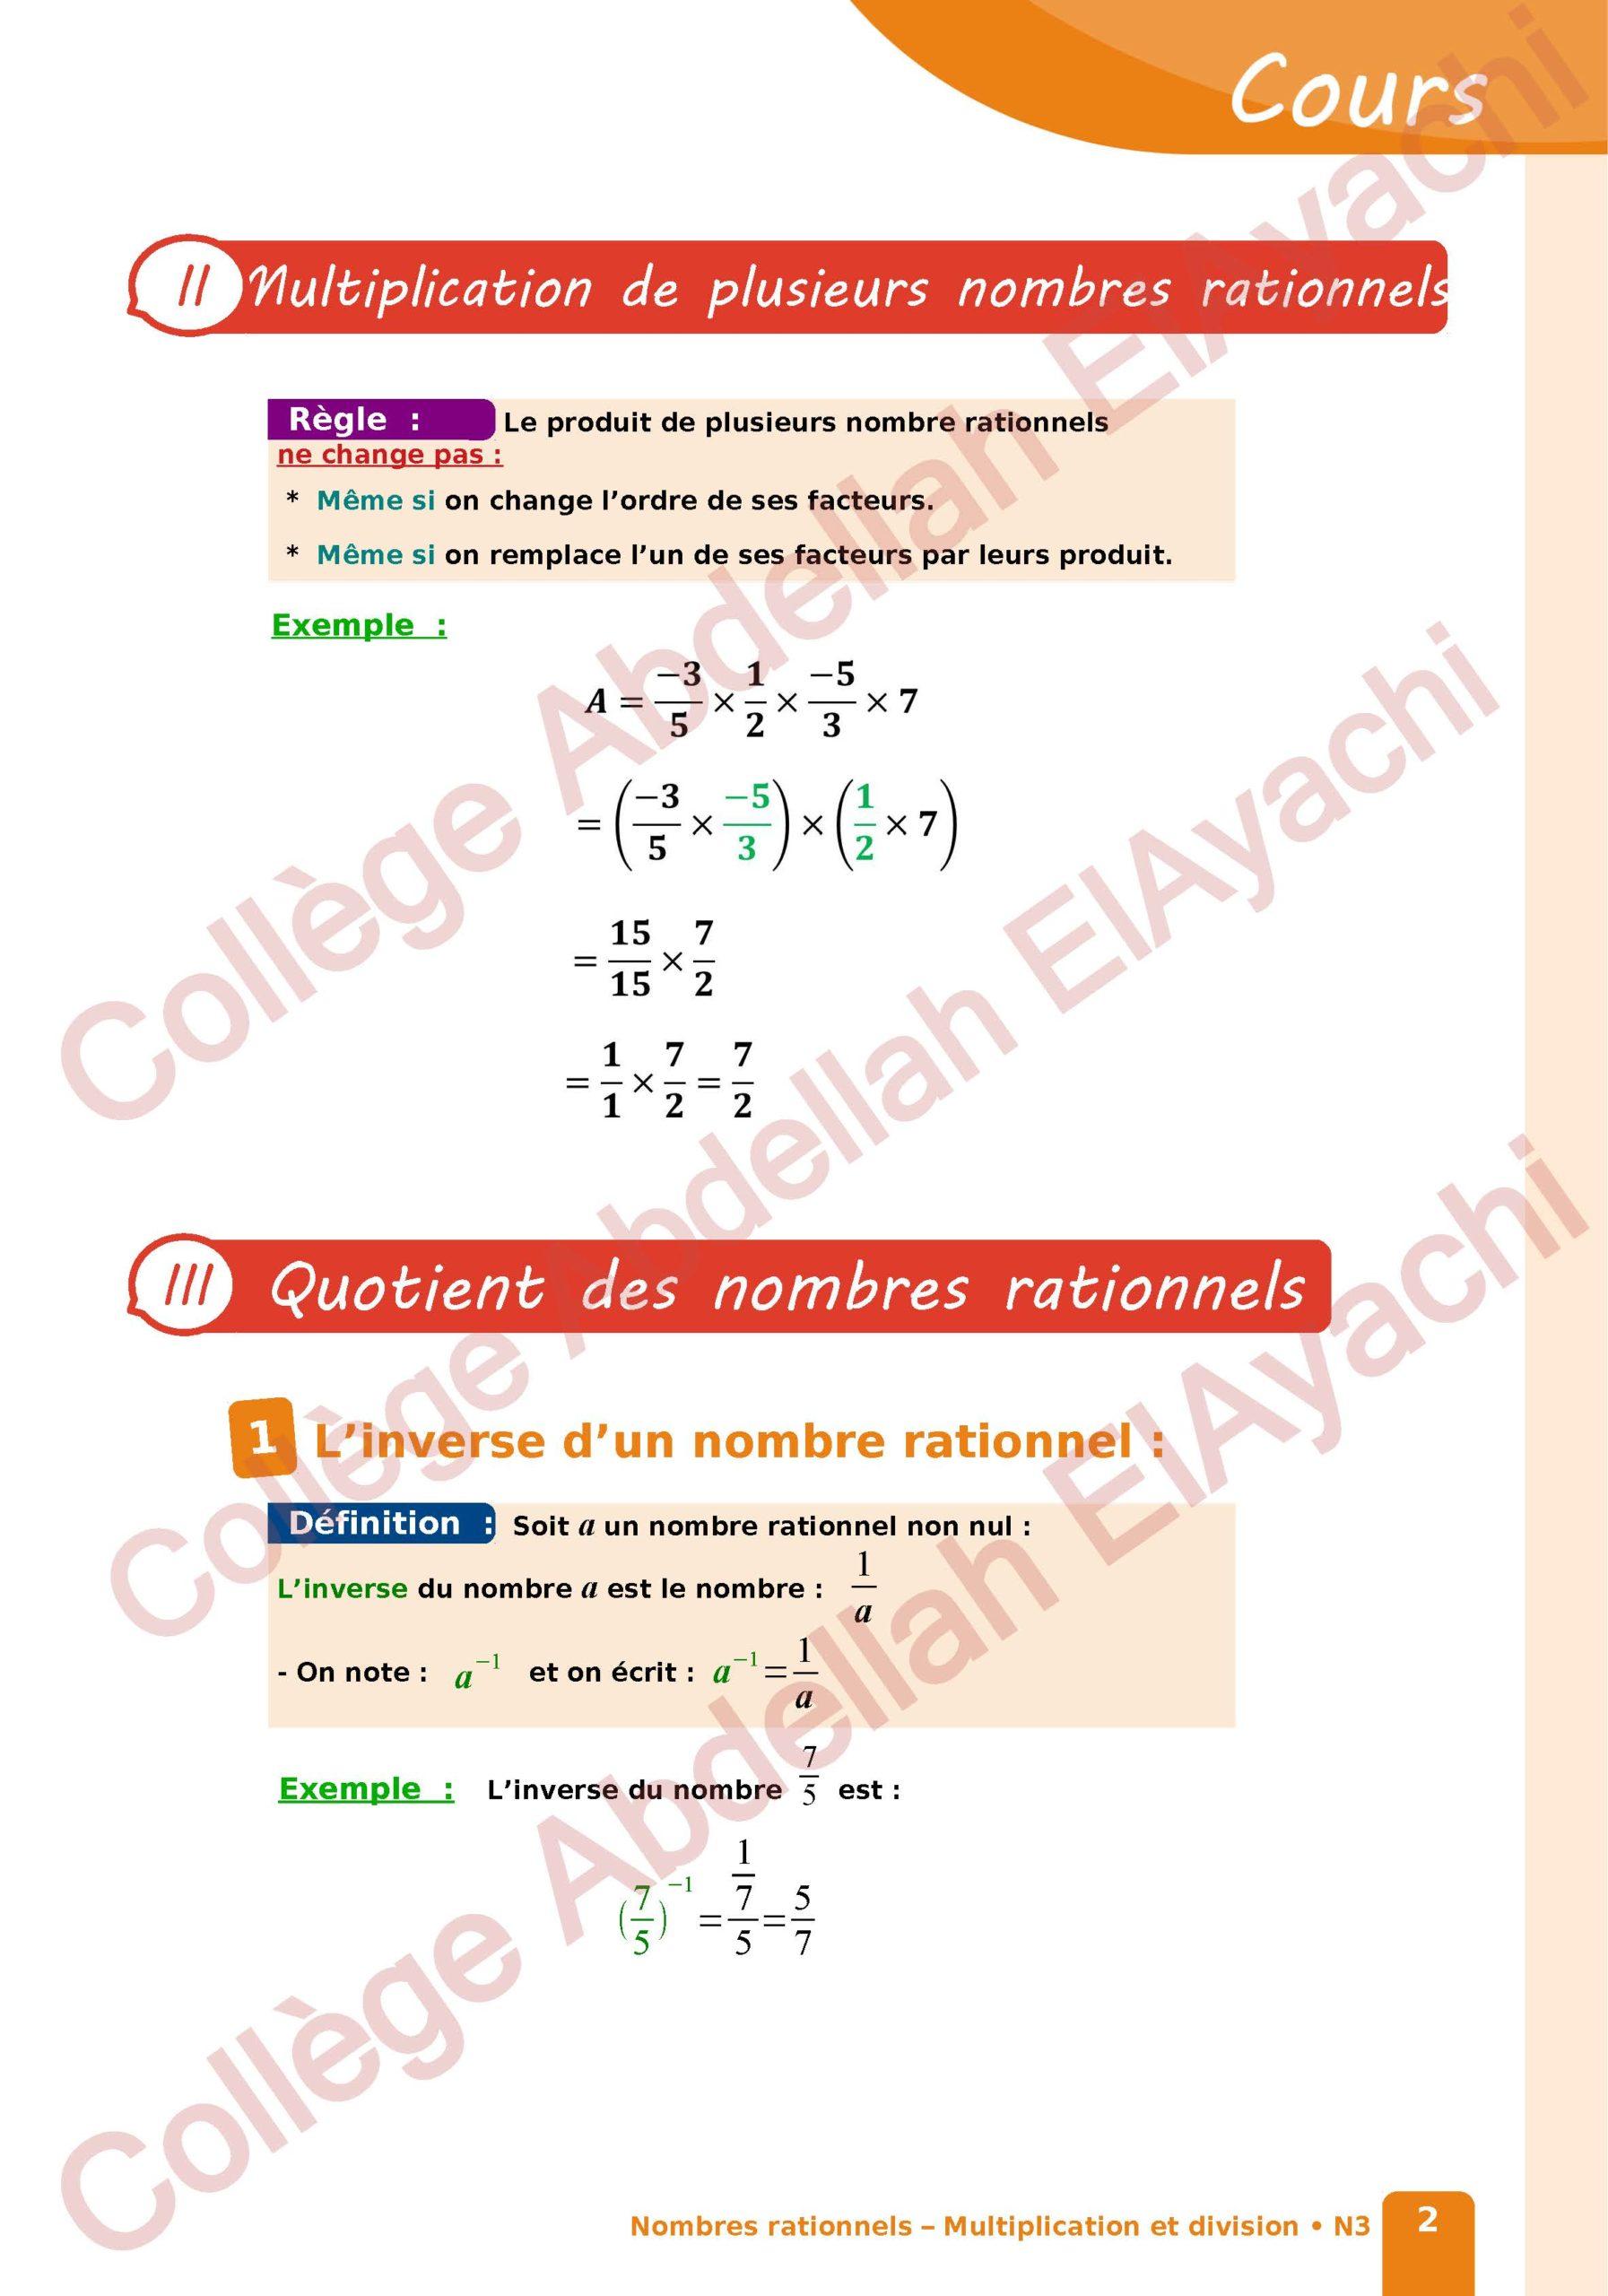 Nombres rationnels : Produit et division Propriété : Collège Abdellah ElAyachi Collège Abdellah ElAyachi